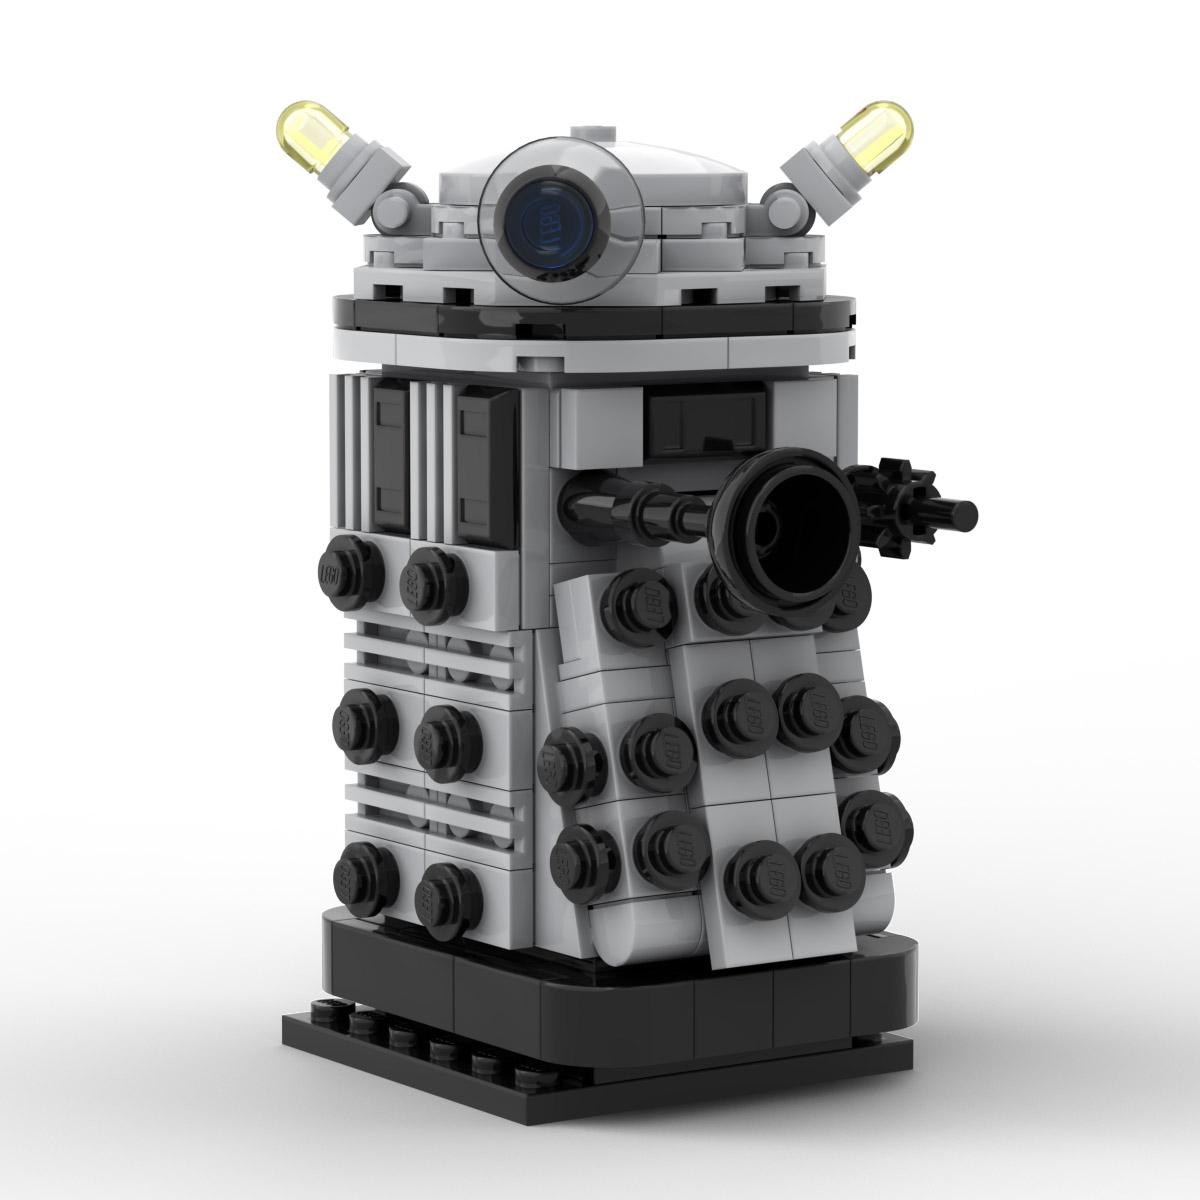 Doctor Who Dalek Custom Lego Moc Brickheadz Instructions